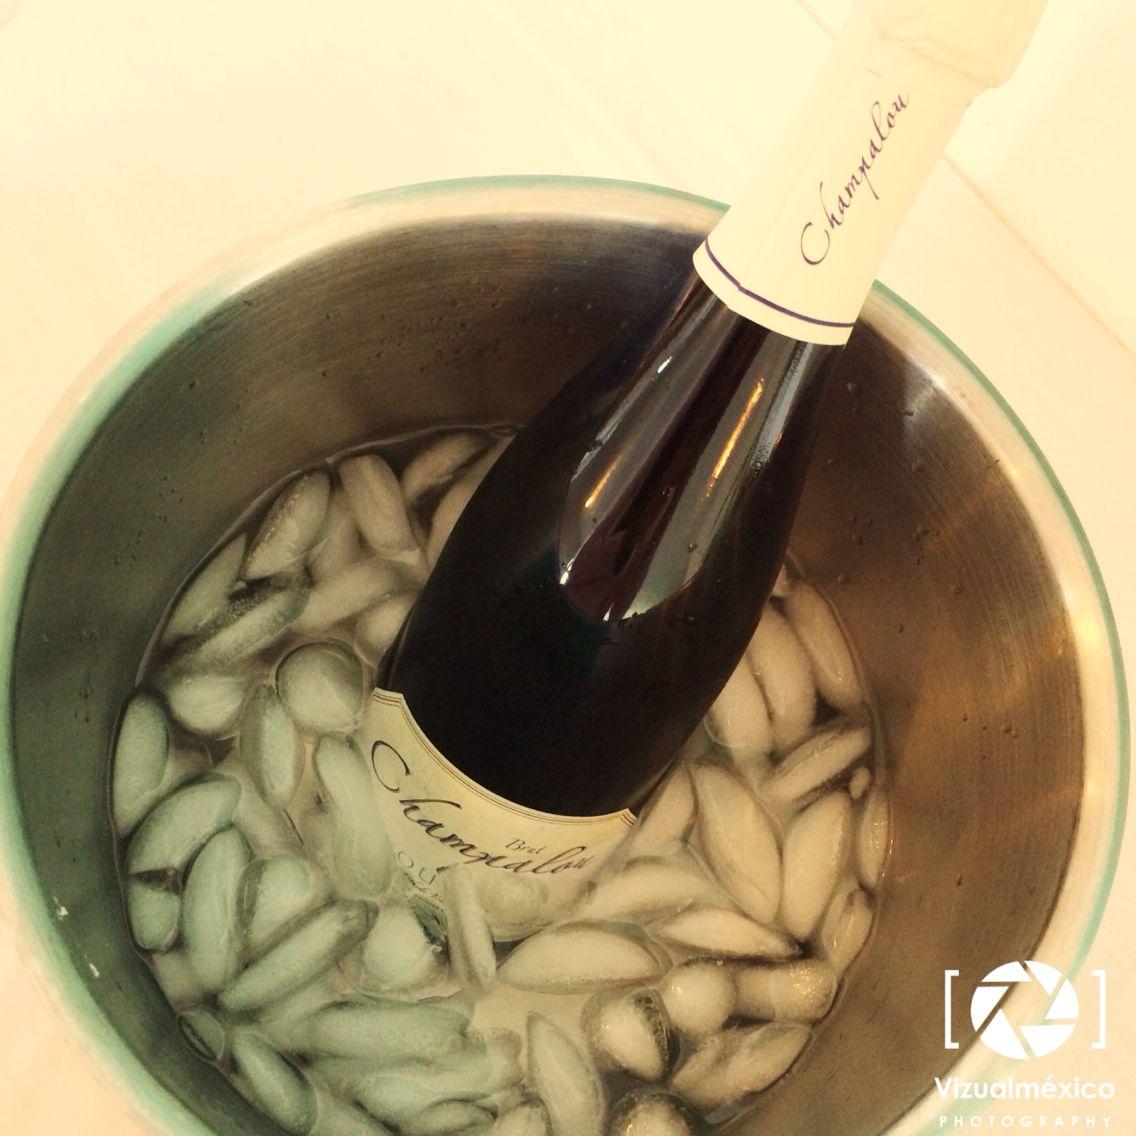 Brunch Francés | Macarrones | Frutas | Vino Espumoso | Flores | Decoración Romántica | Gastronomía | Vinos | Chefs | Sommeliers | Fotografía | Toluca | Metepec | www.vizualmexico.com.mx | Grenache vinos y momentos gourmet